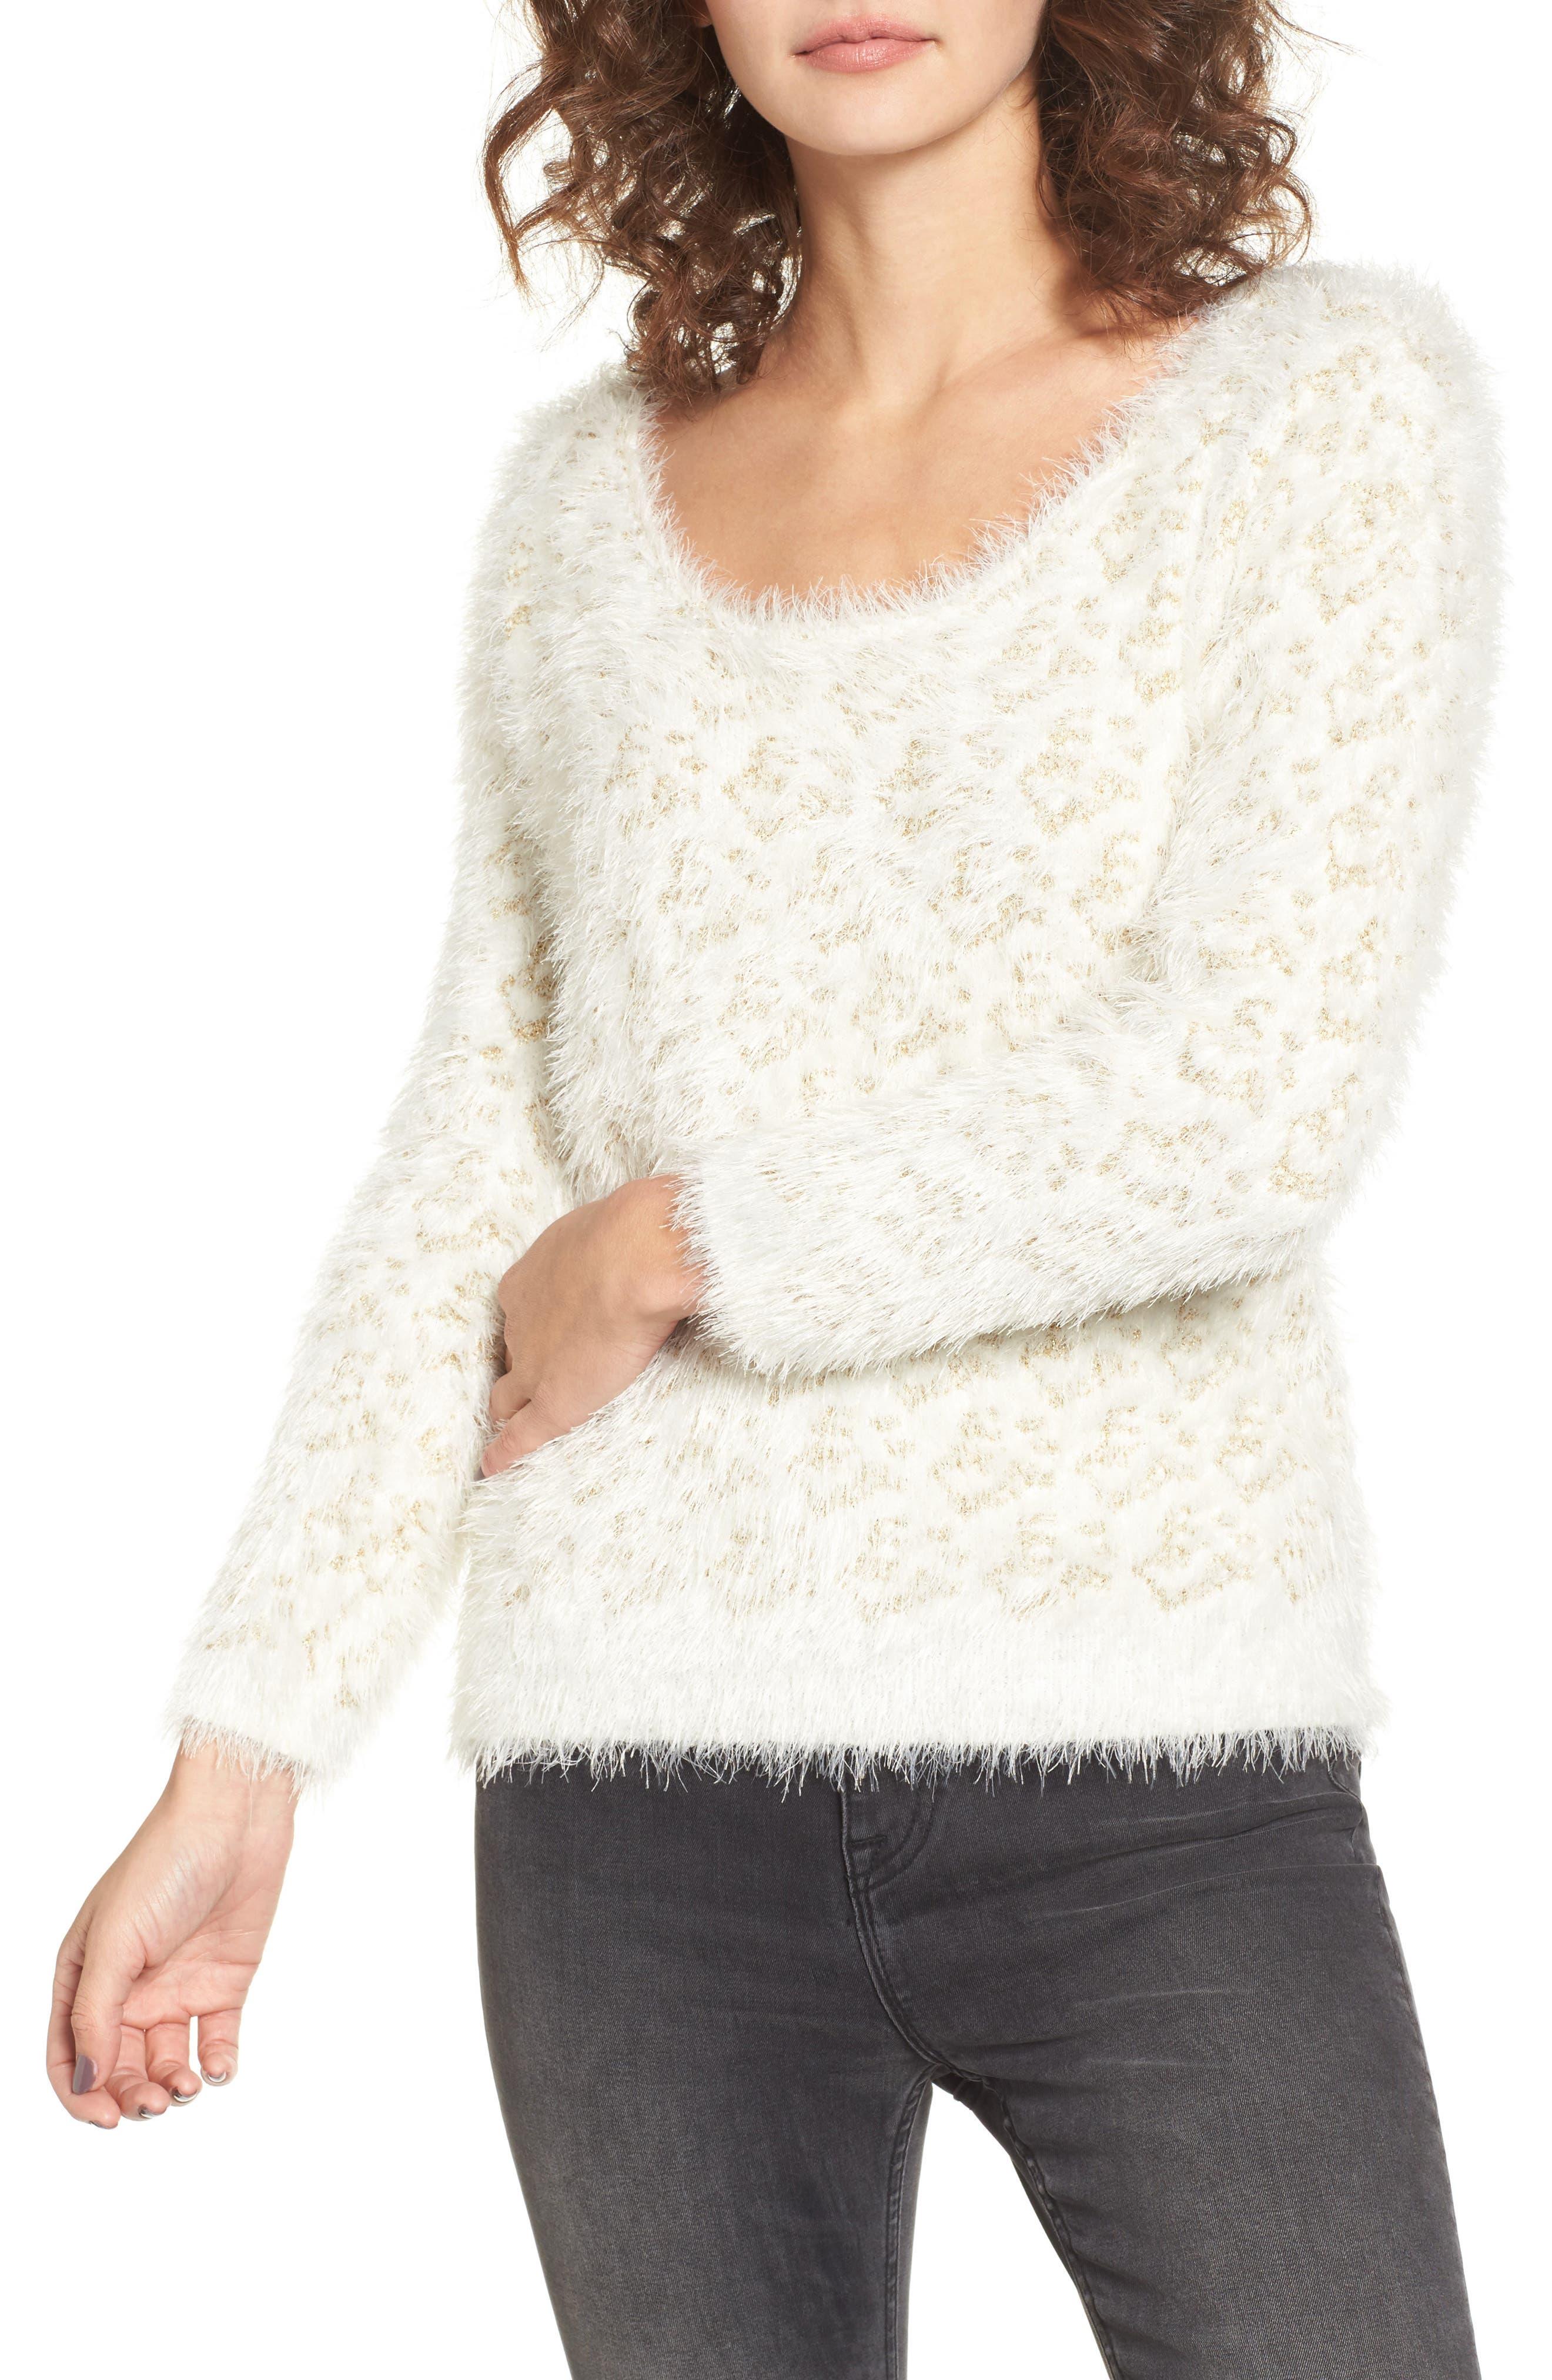 Alternate Image 1 Selected - Raga Cassidy Fuzzy Eyelash Sweater